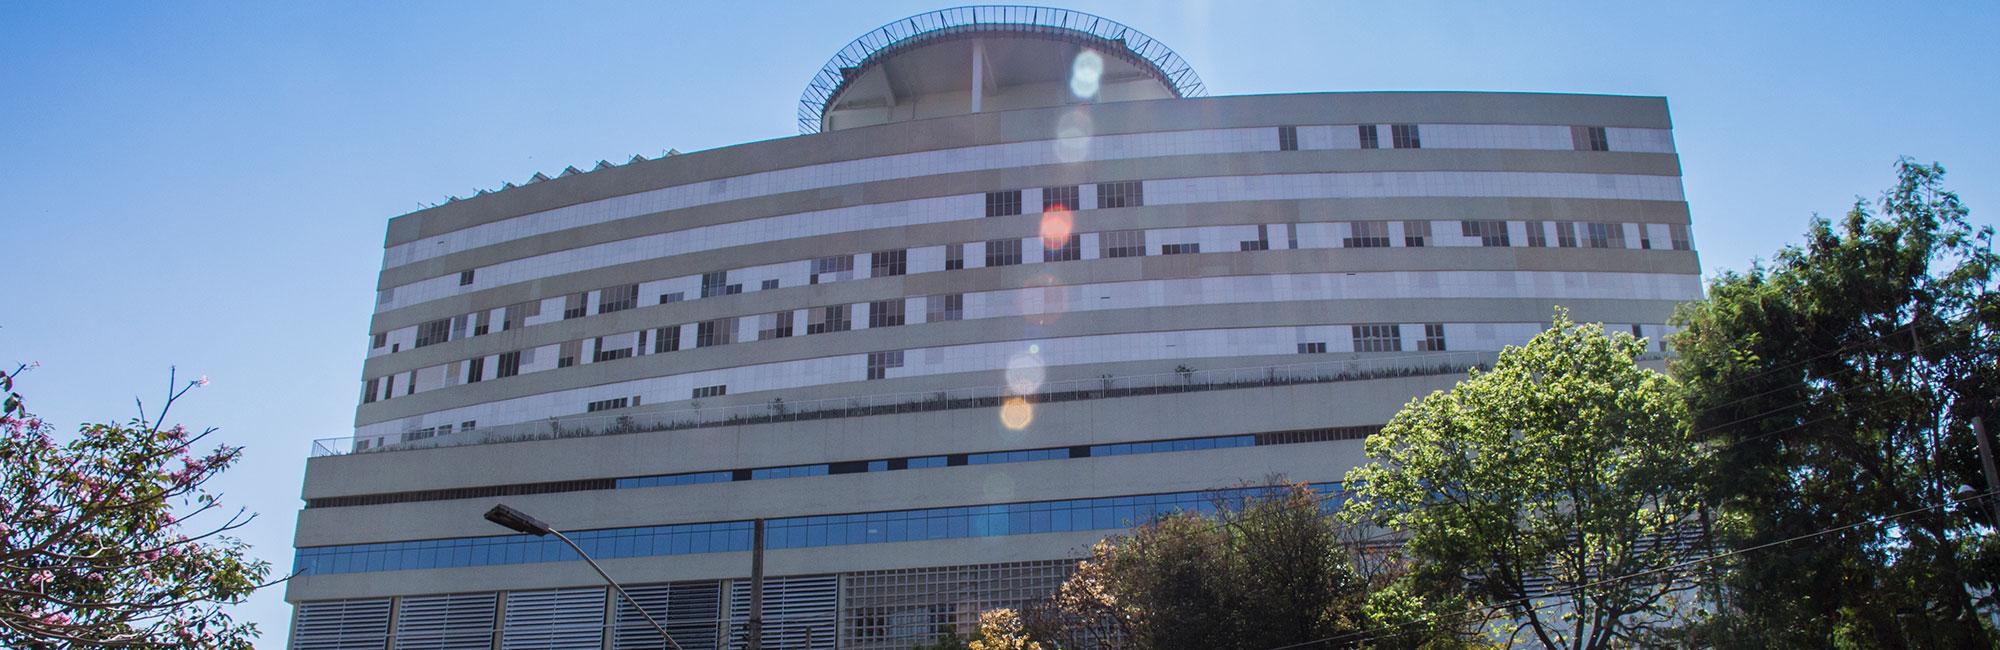 Hospital Barreiro